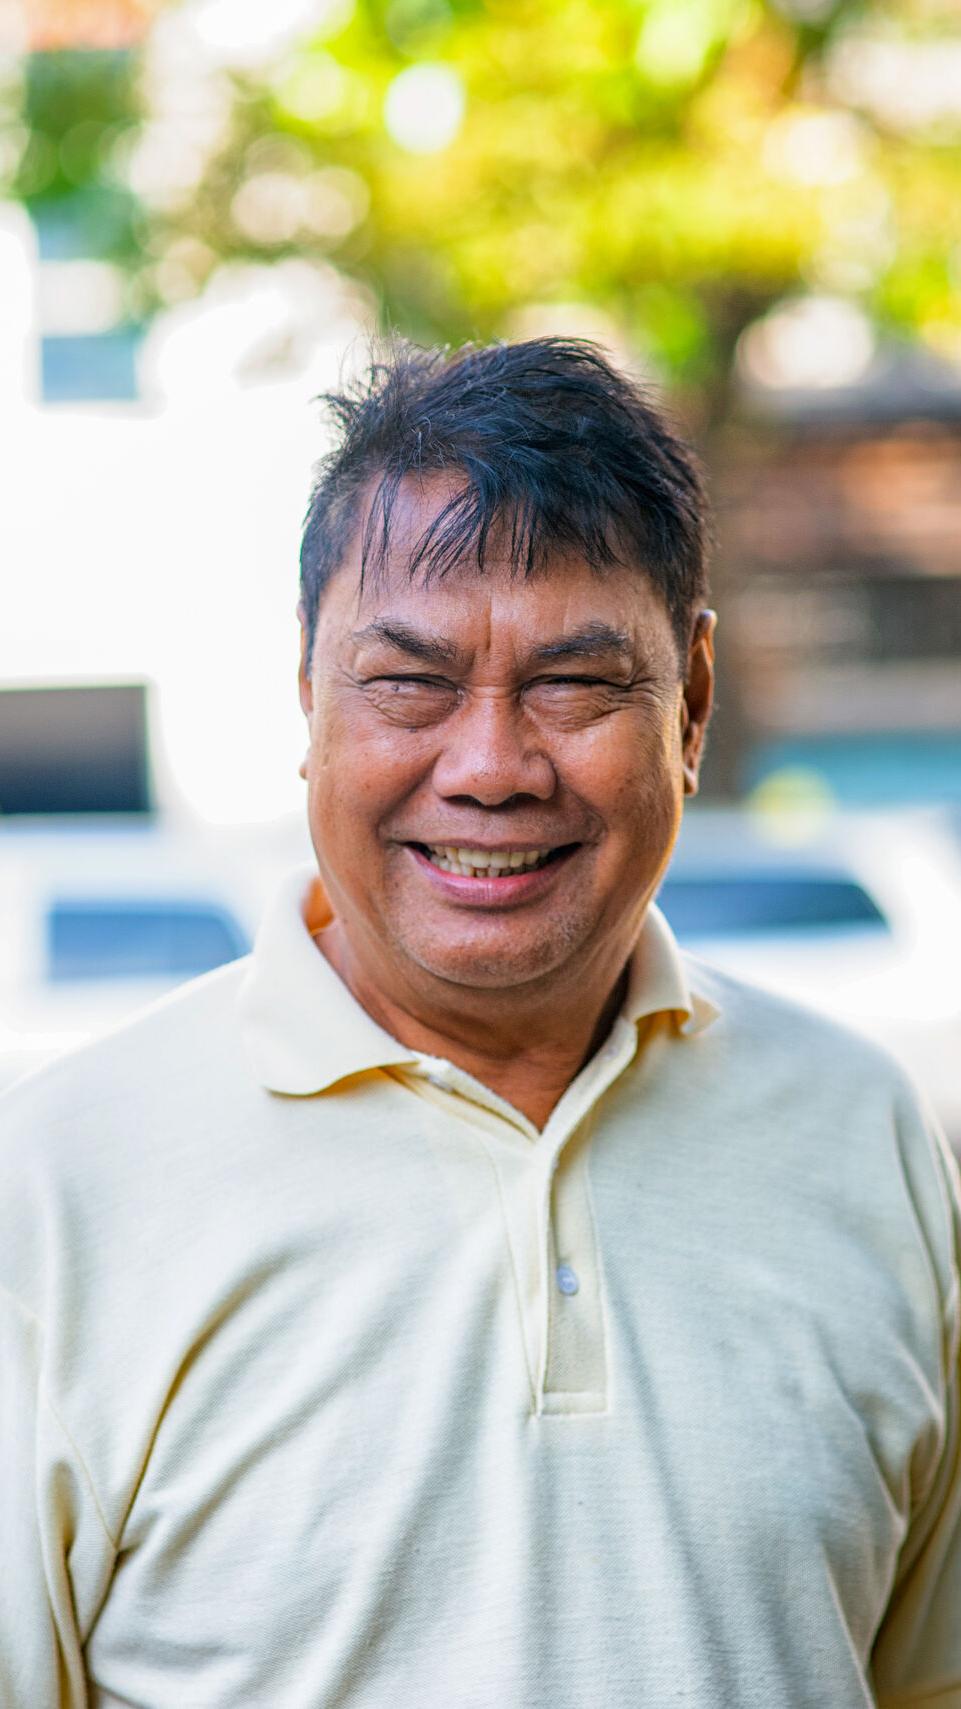 Mann aus der Mekong-Region lächelt in die Kamera